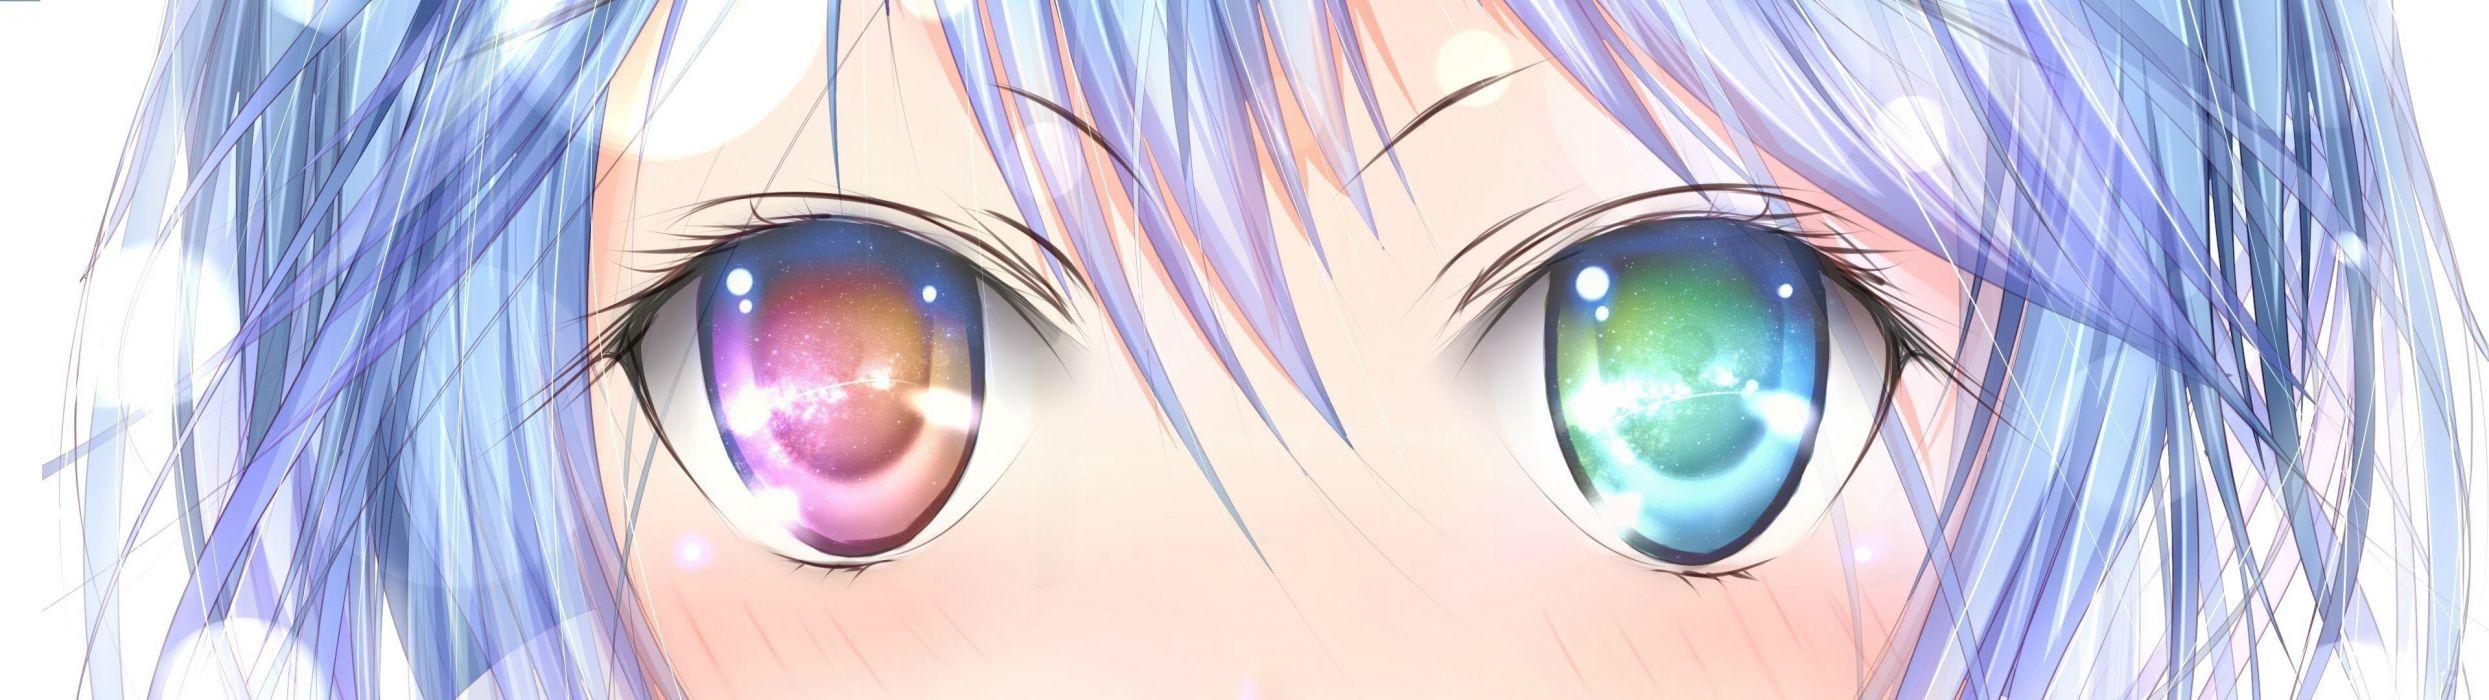 eyes anime Denpa Onna to Seishun Otoko Touwa Erio soft shading anime girls wallpaper